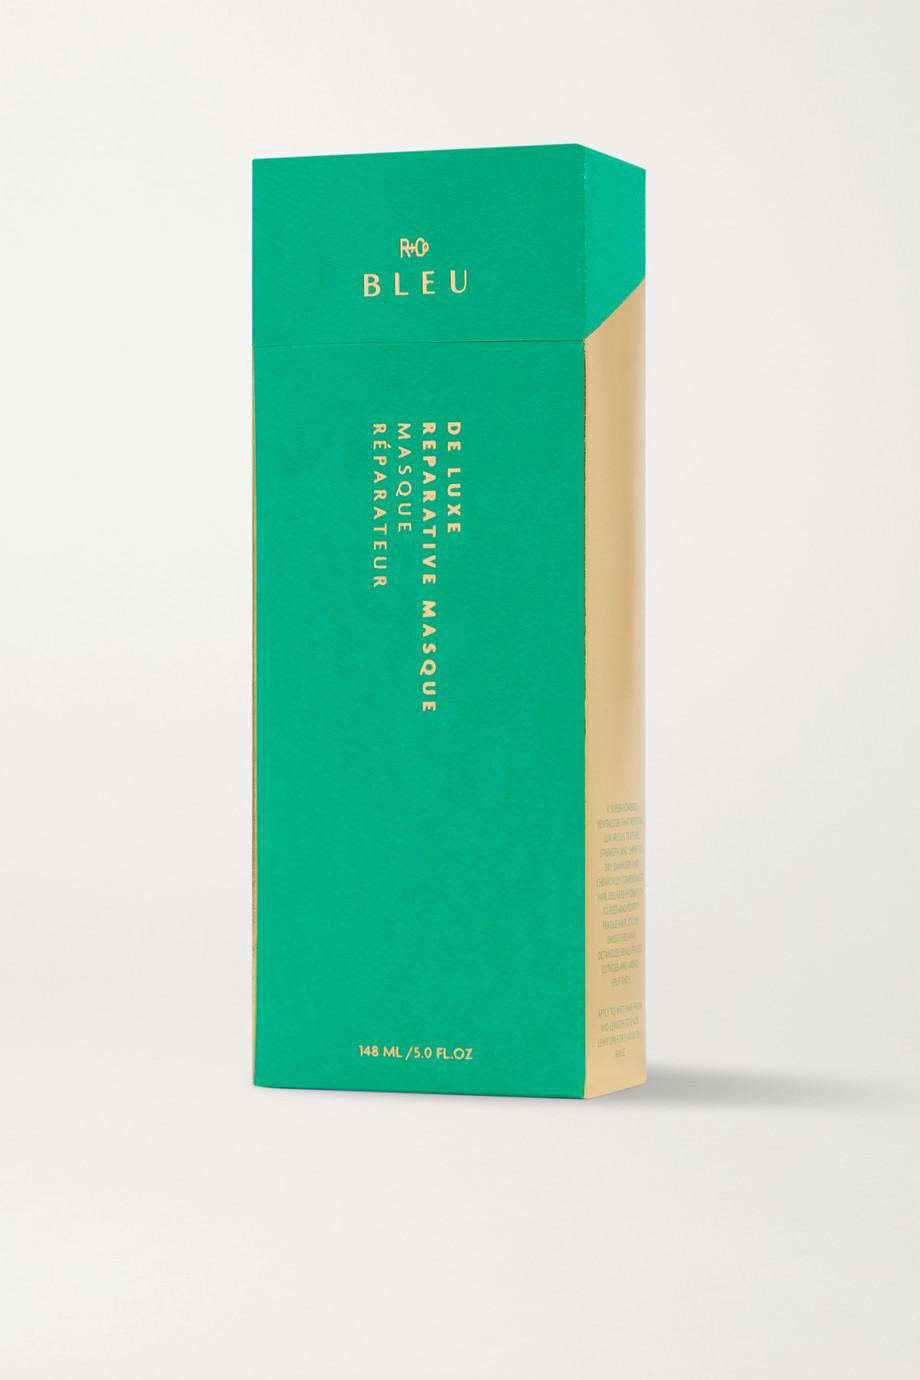 R+Co BLEU De Luxe Reparative Masque, 148ml